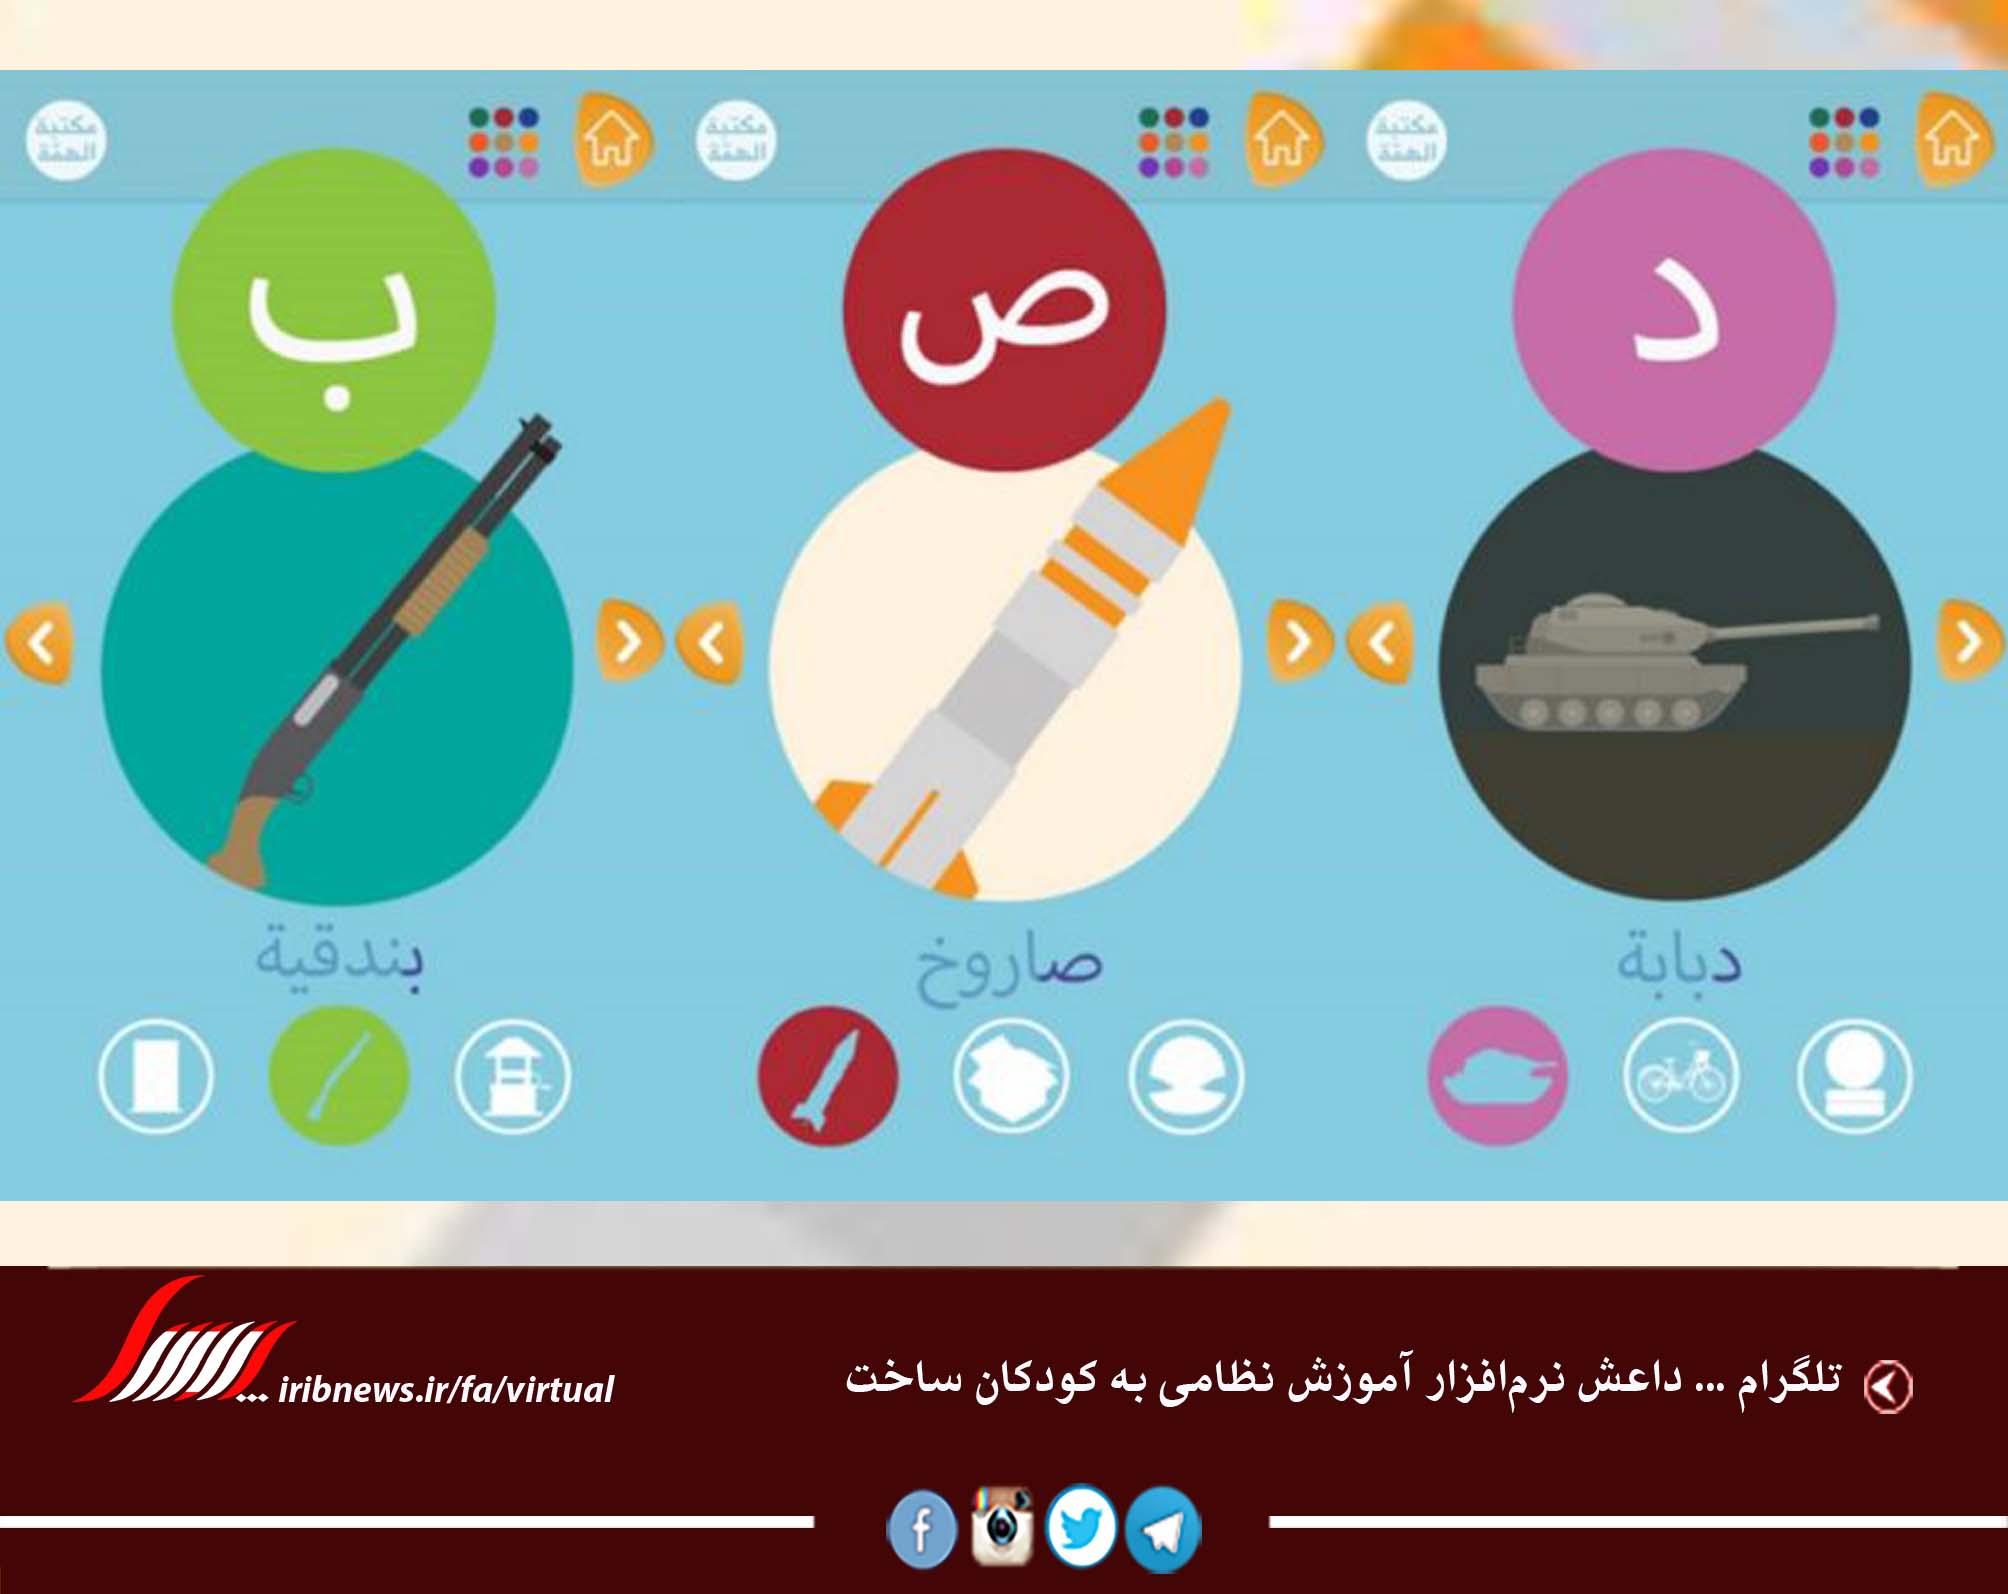 از نرمافزار آموزشی داعش تا دردسرهای تلگرام برای آقای وزیر